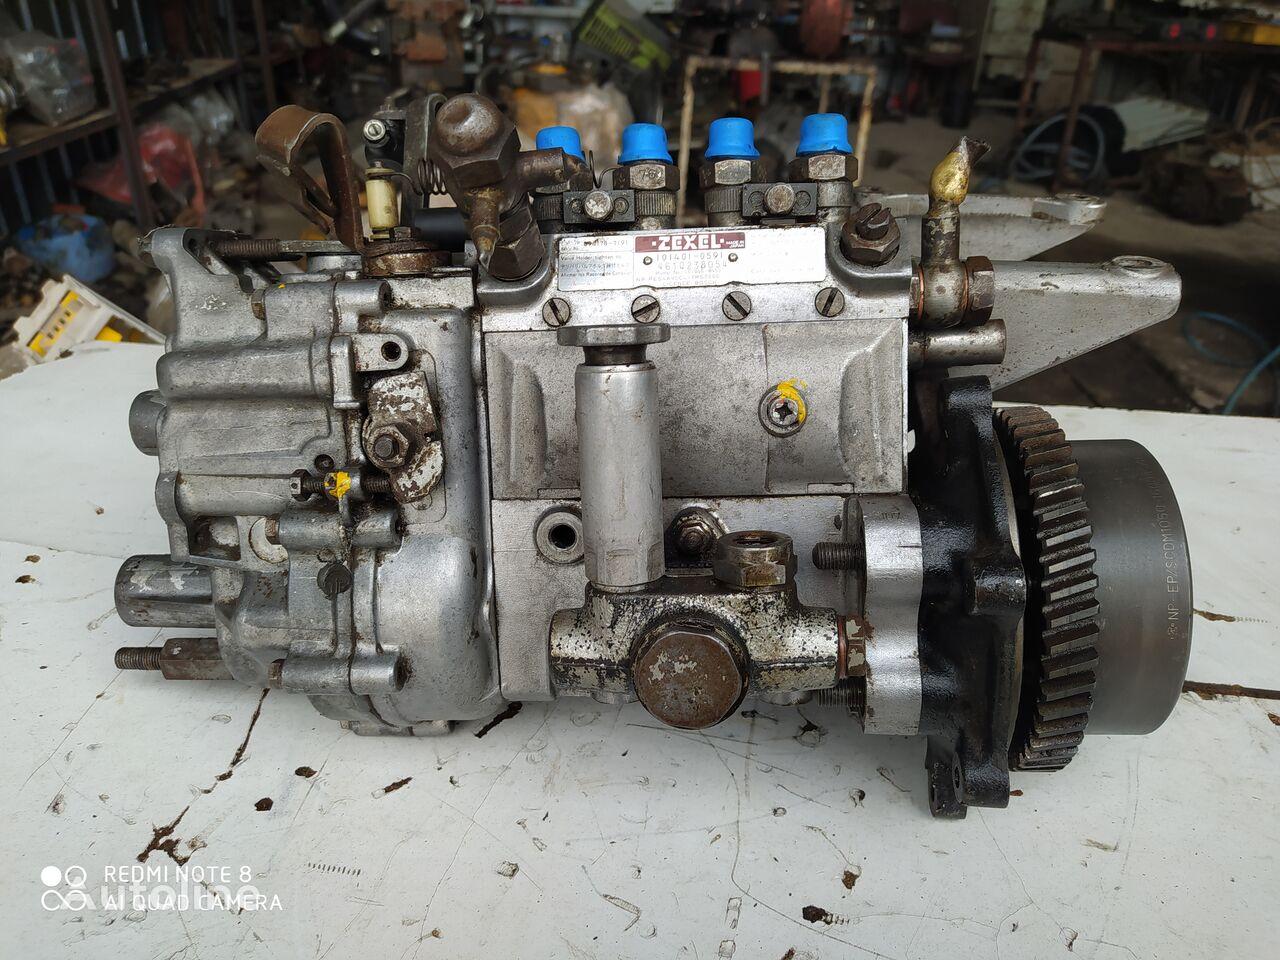 BOSCH ZEXEL NP-EPRLD 240-1630E1EFL Licence- 105931-2103 fuel pump for excavator